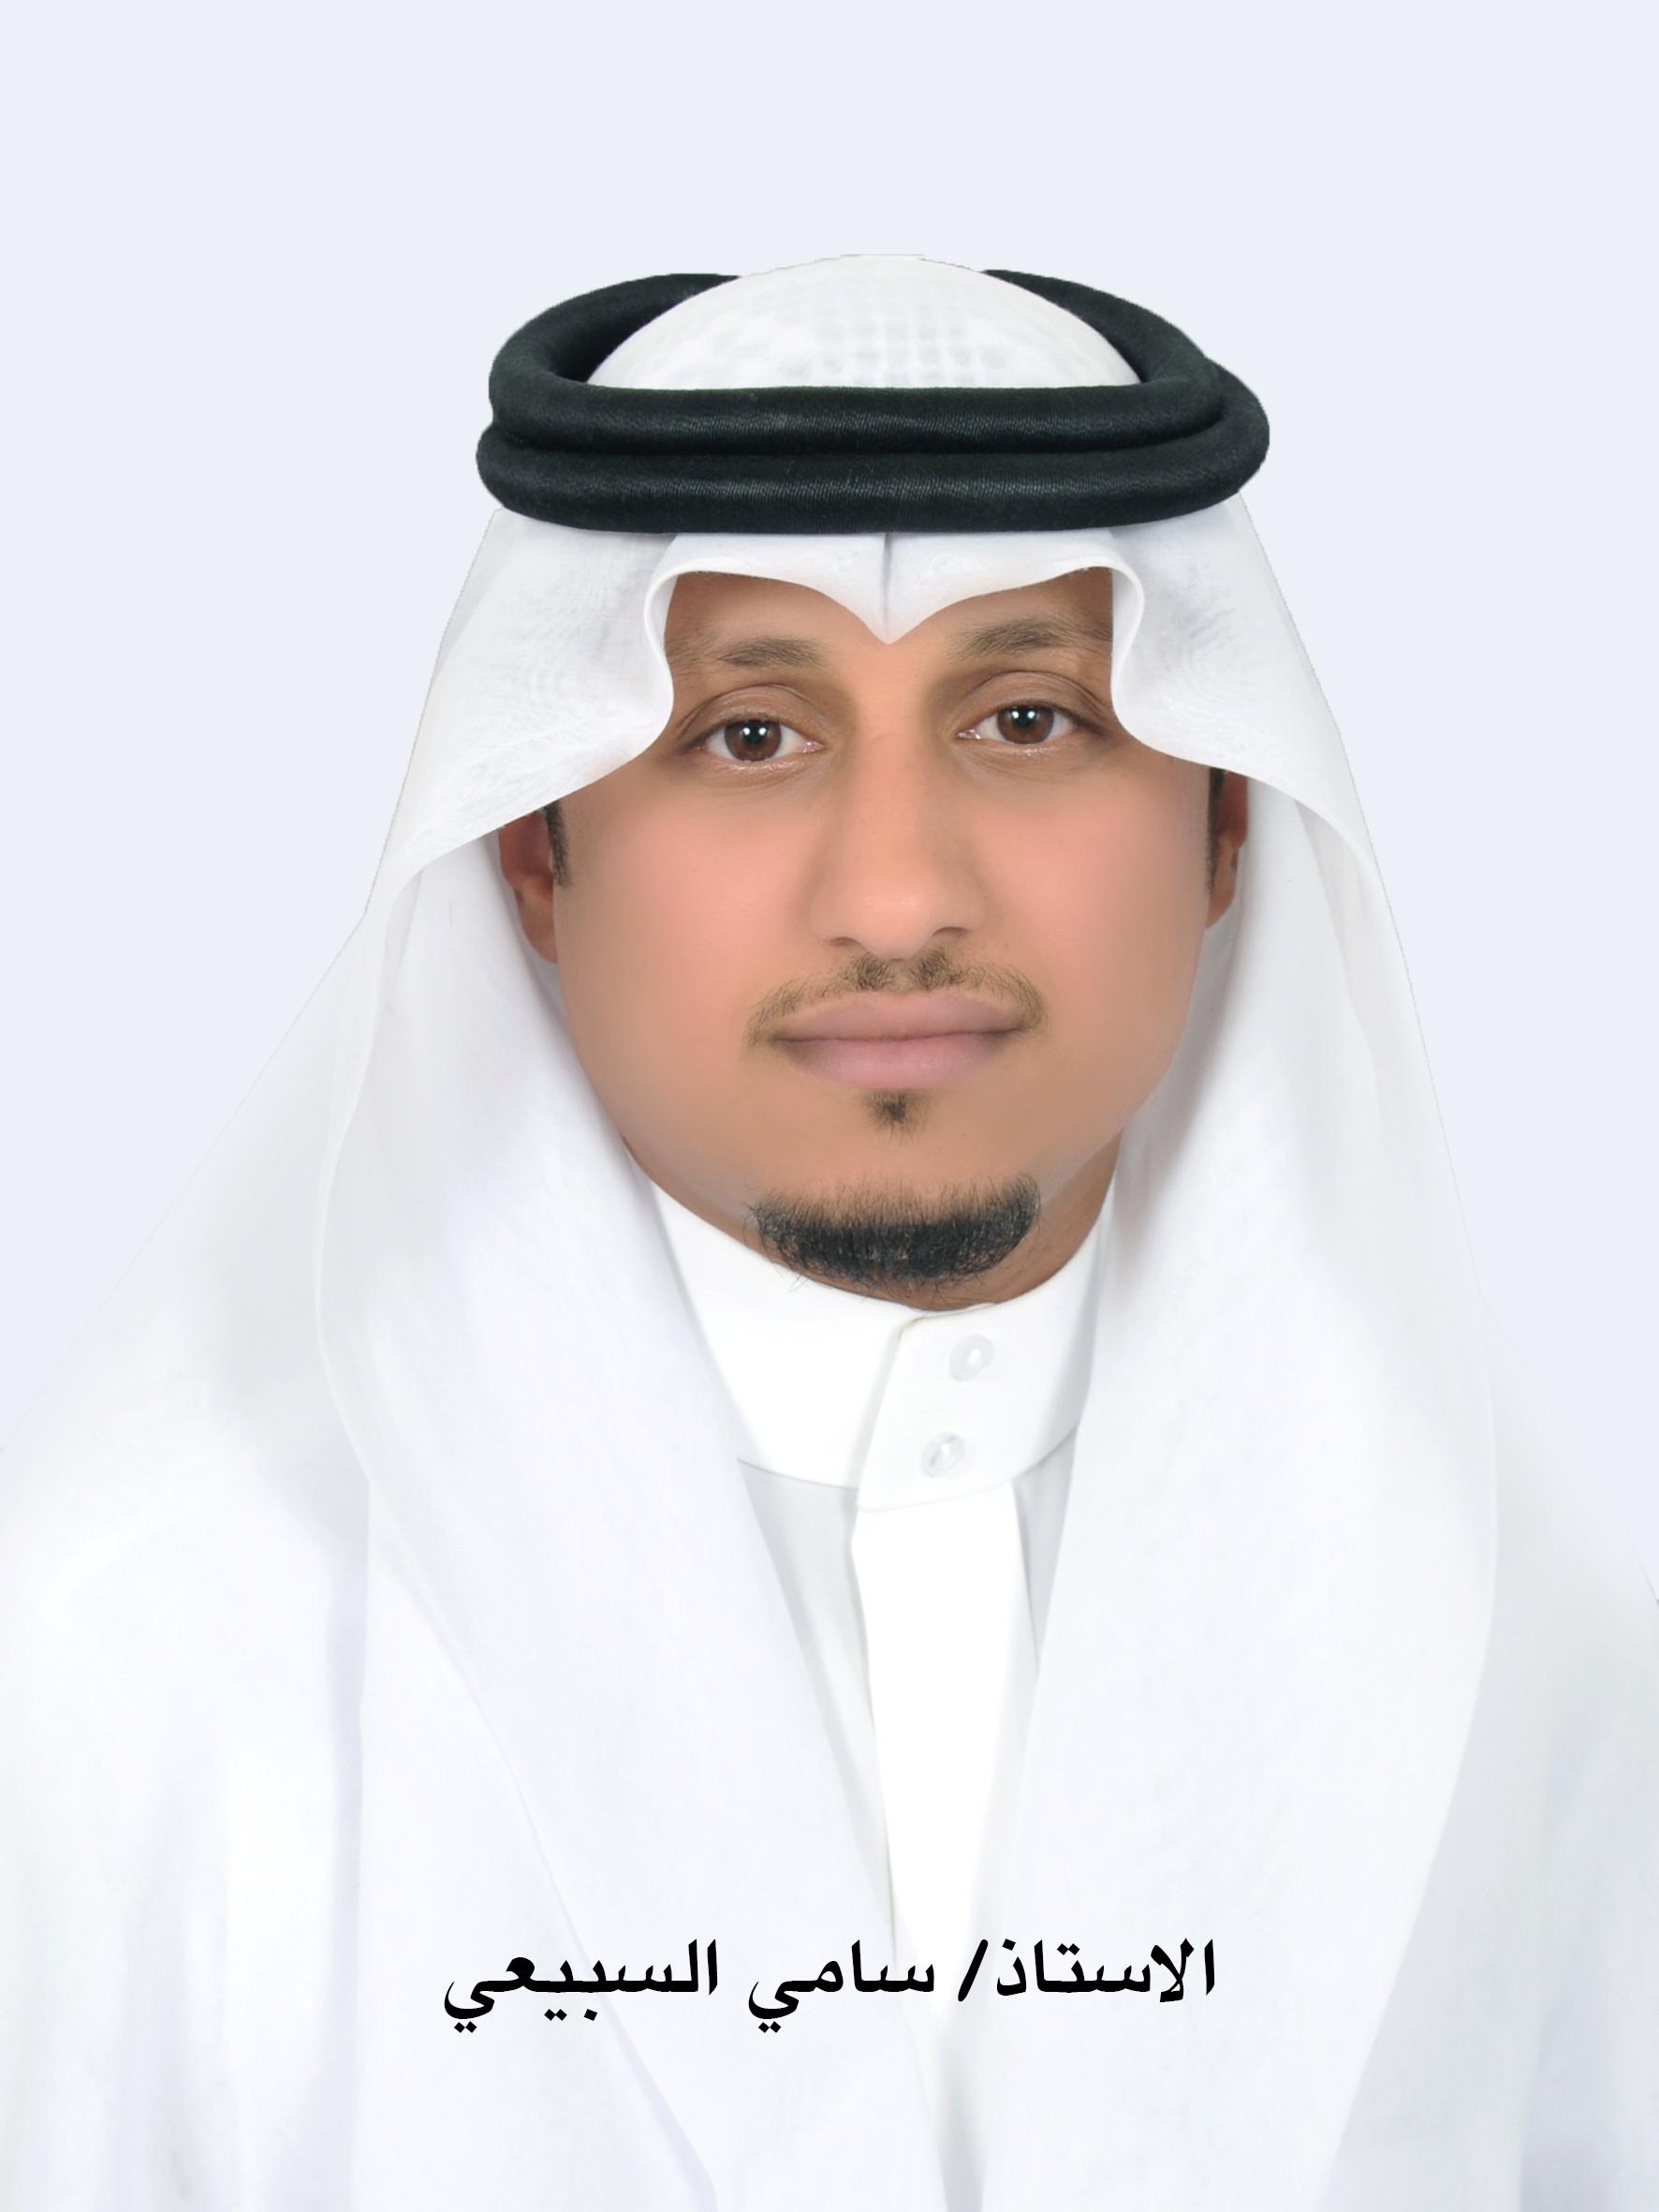 السبيعي مديراً لإدارة شؤون الموظفين بمستشفى الملك خالد الجامعي